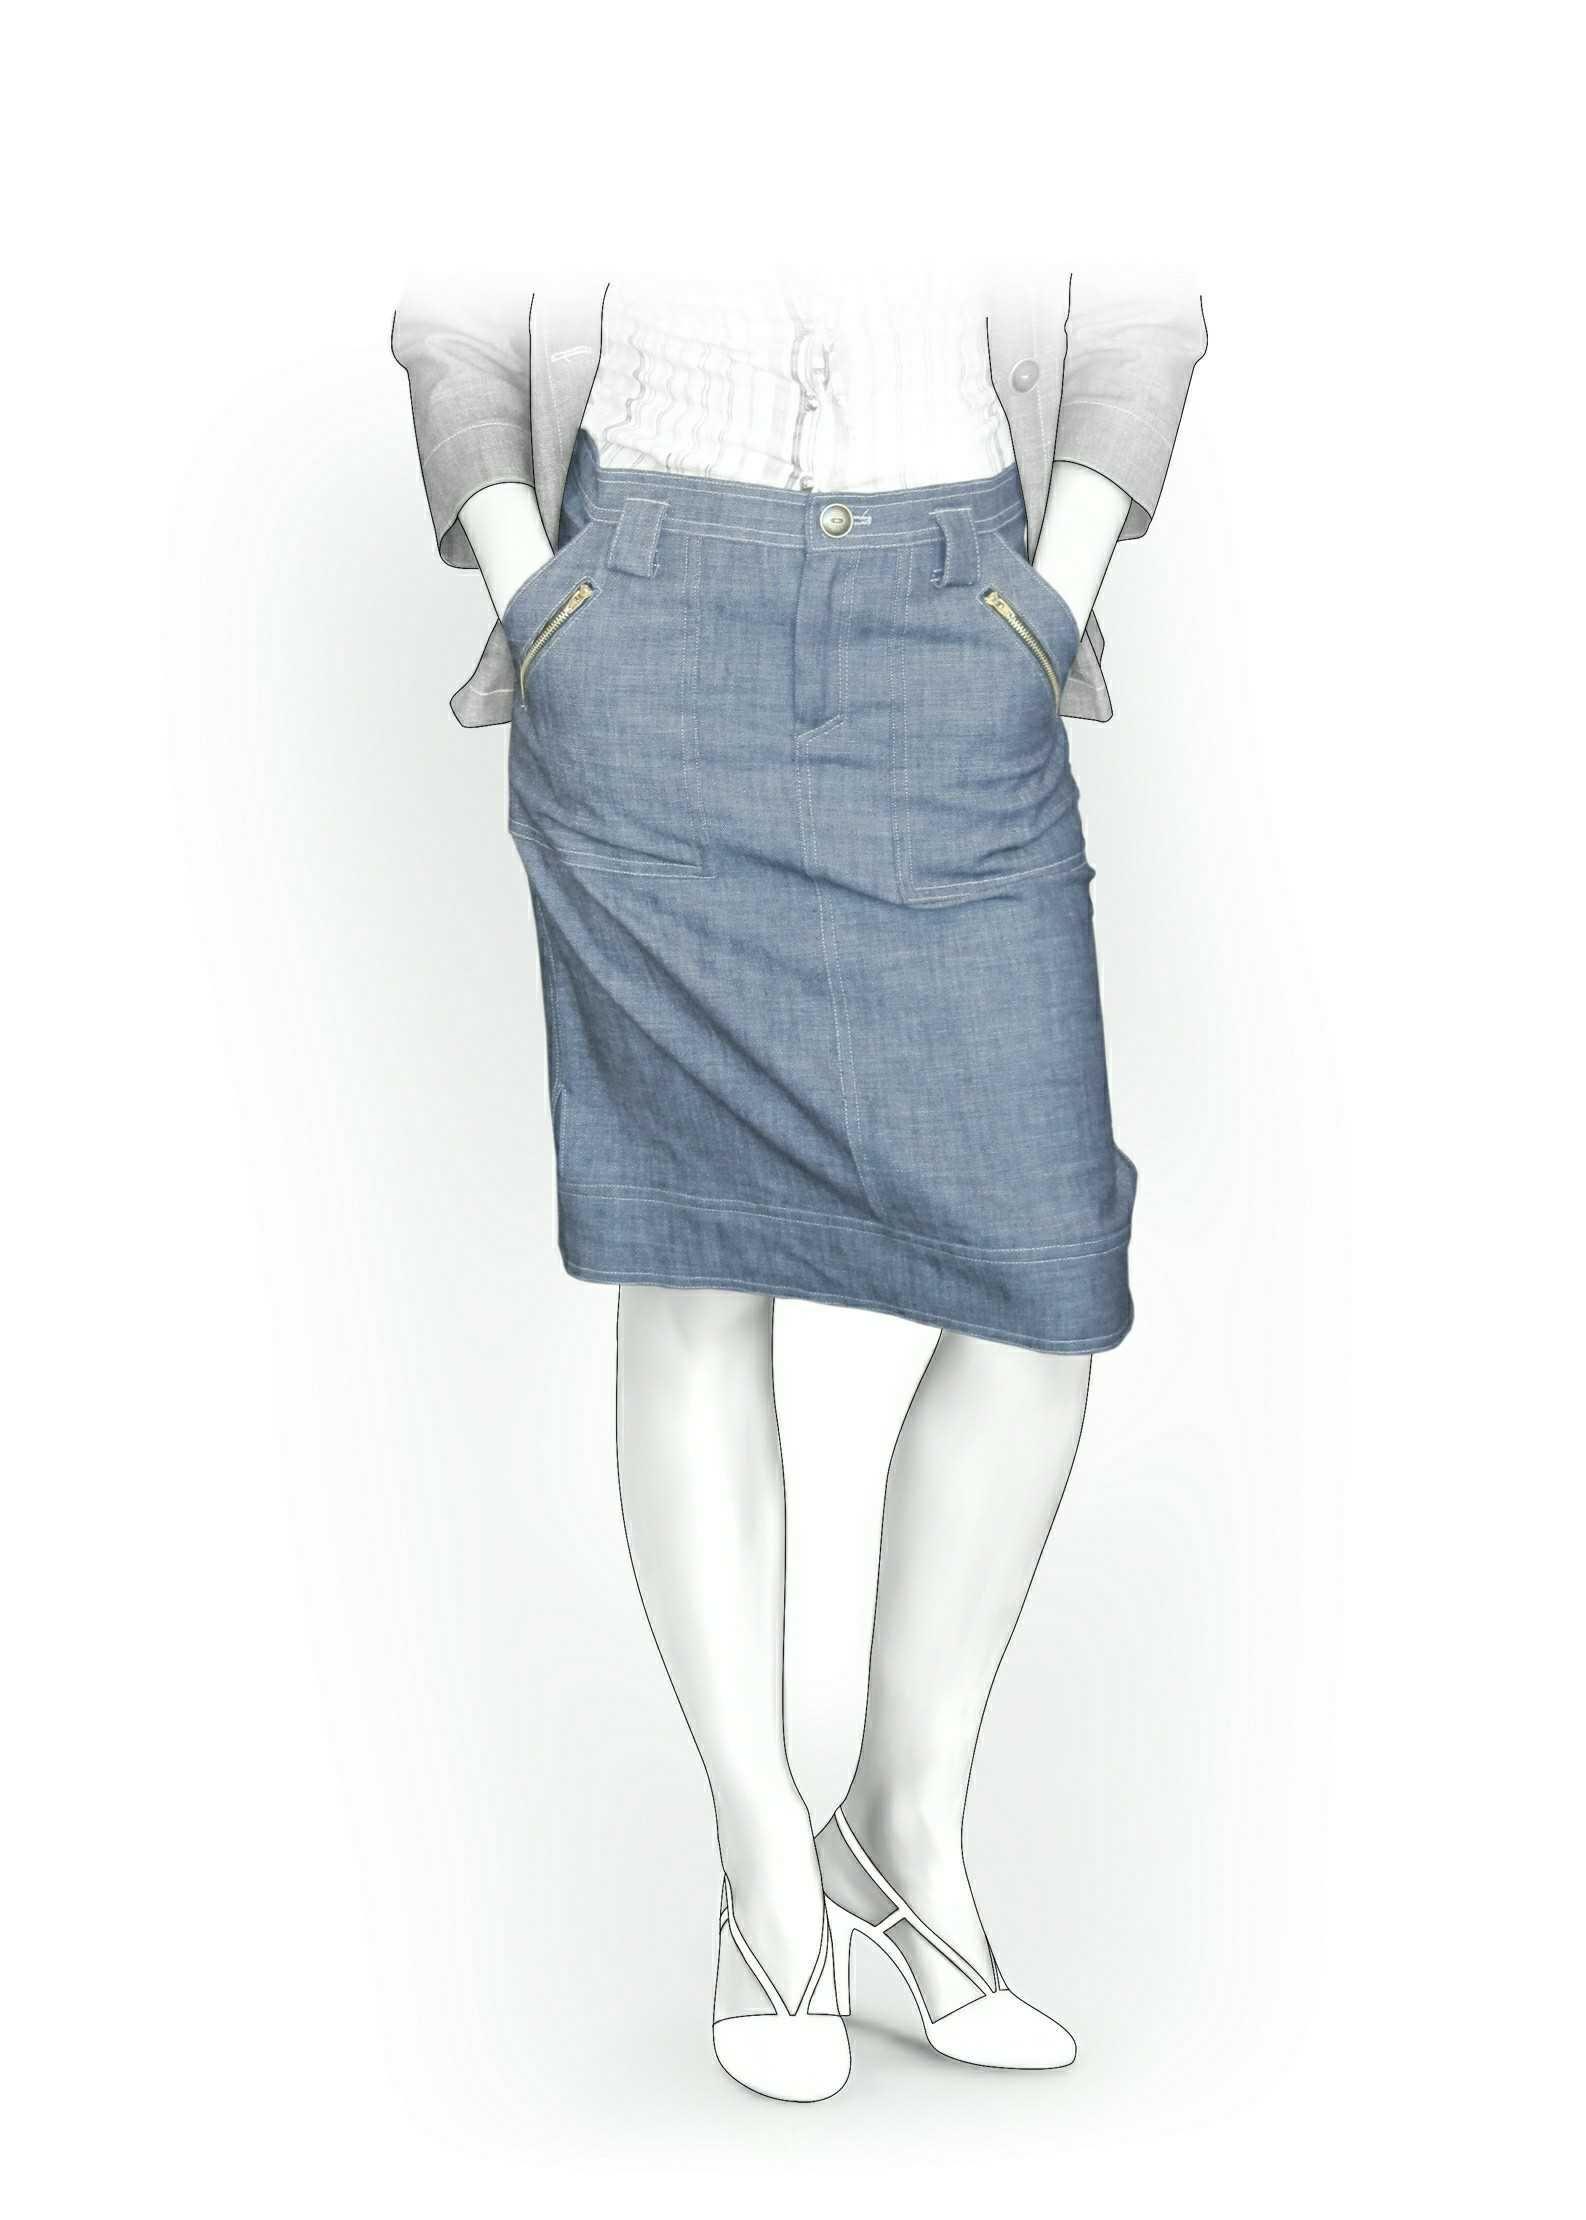 Falda  - Patrón de costura #5871 Patrón de costura a medida de Lekala con descarga online gratuita.